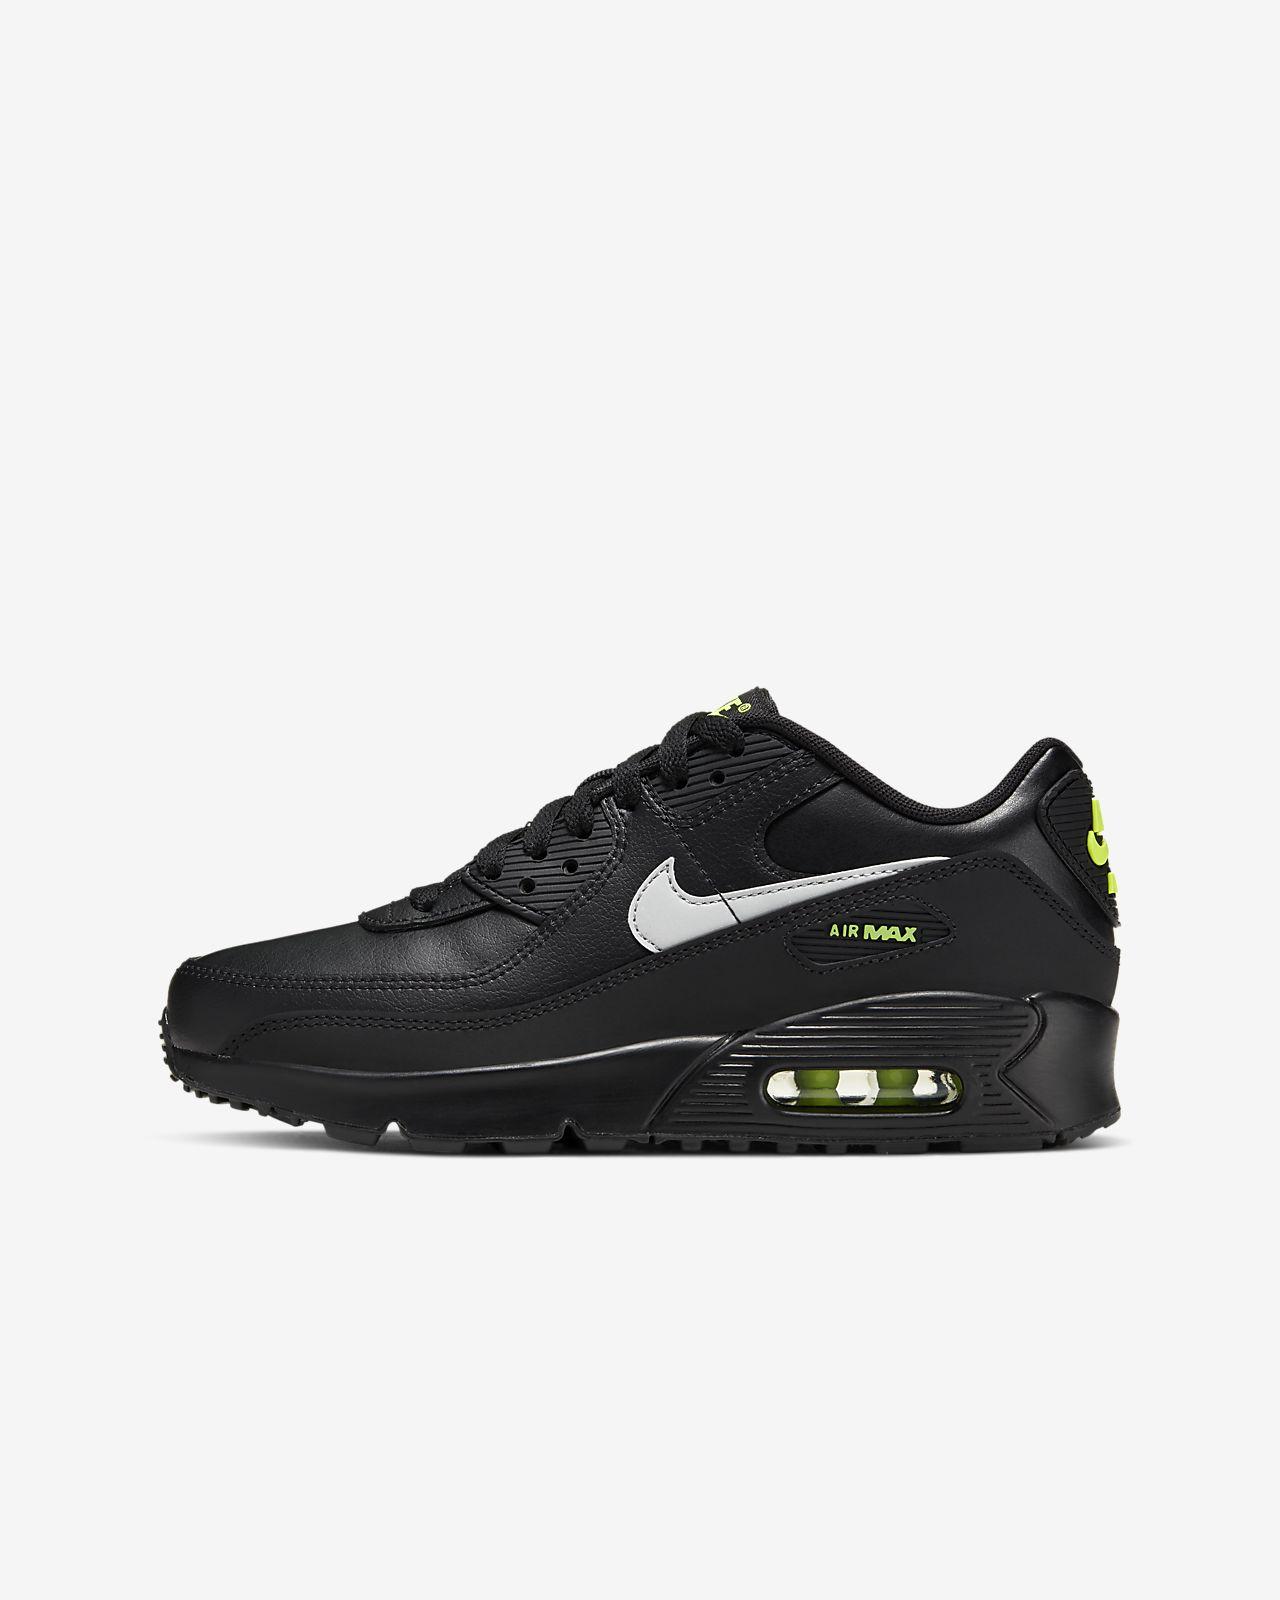 Παπούτσι Nike Air Max 90 για μεγάλα παιδιά